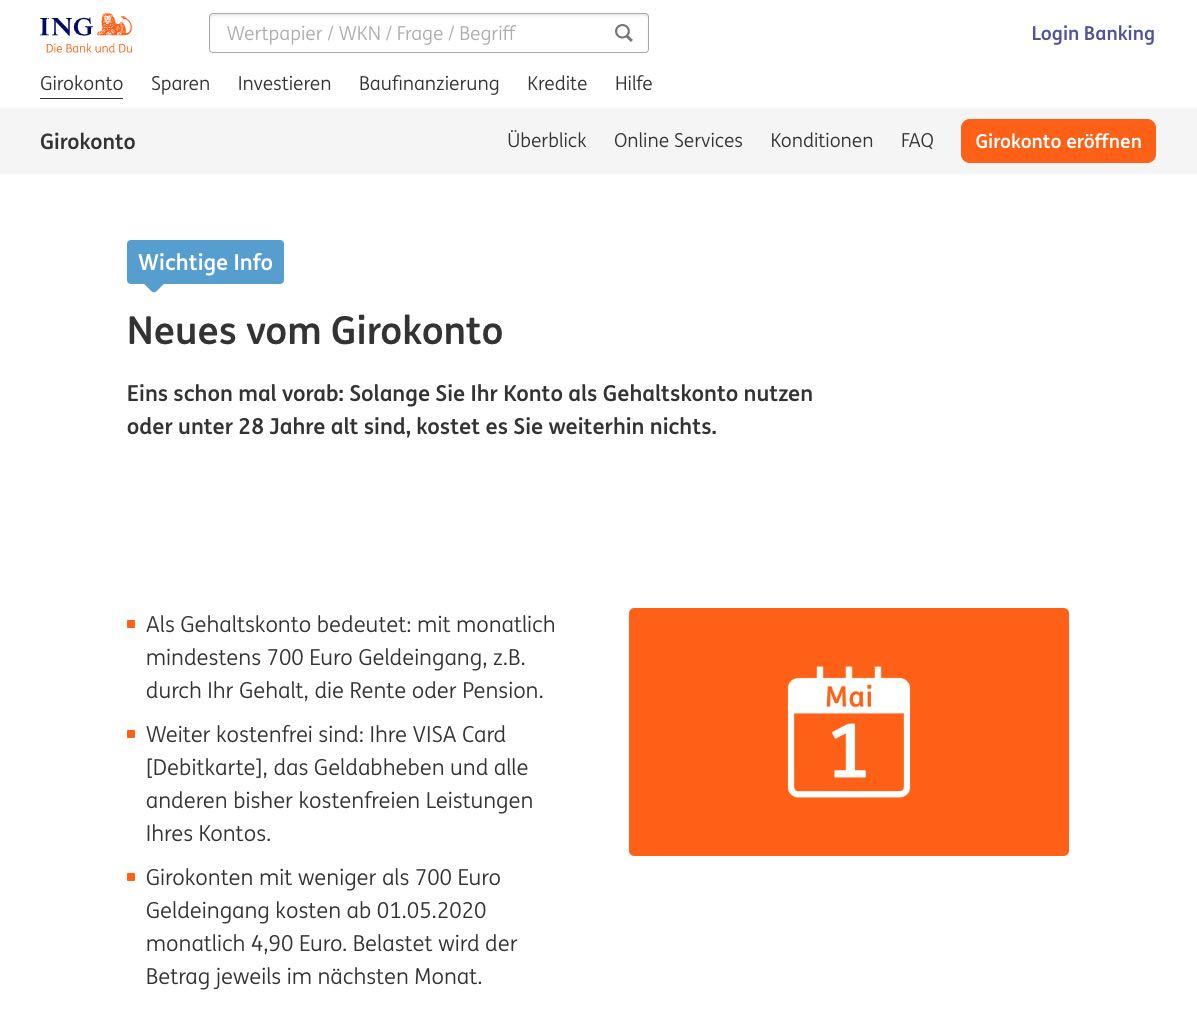 ING-Girokonto 2020